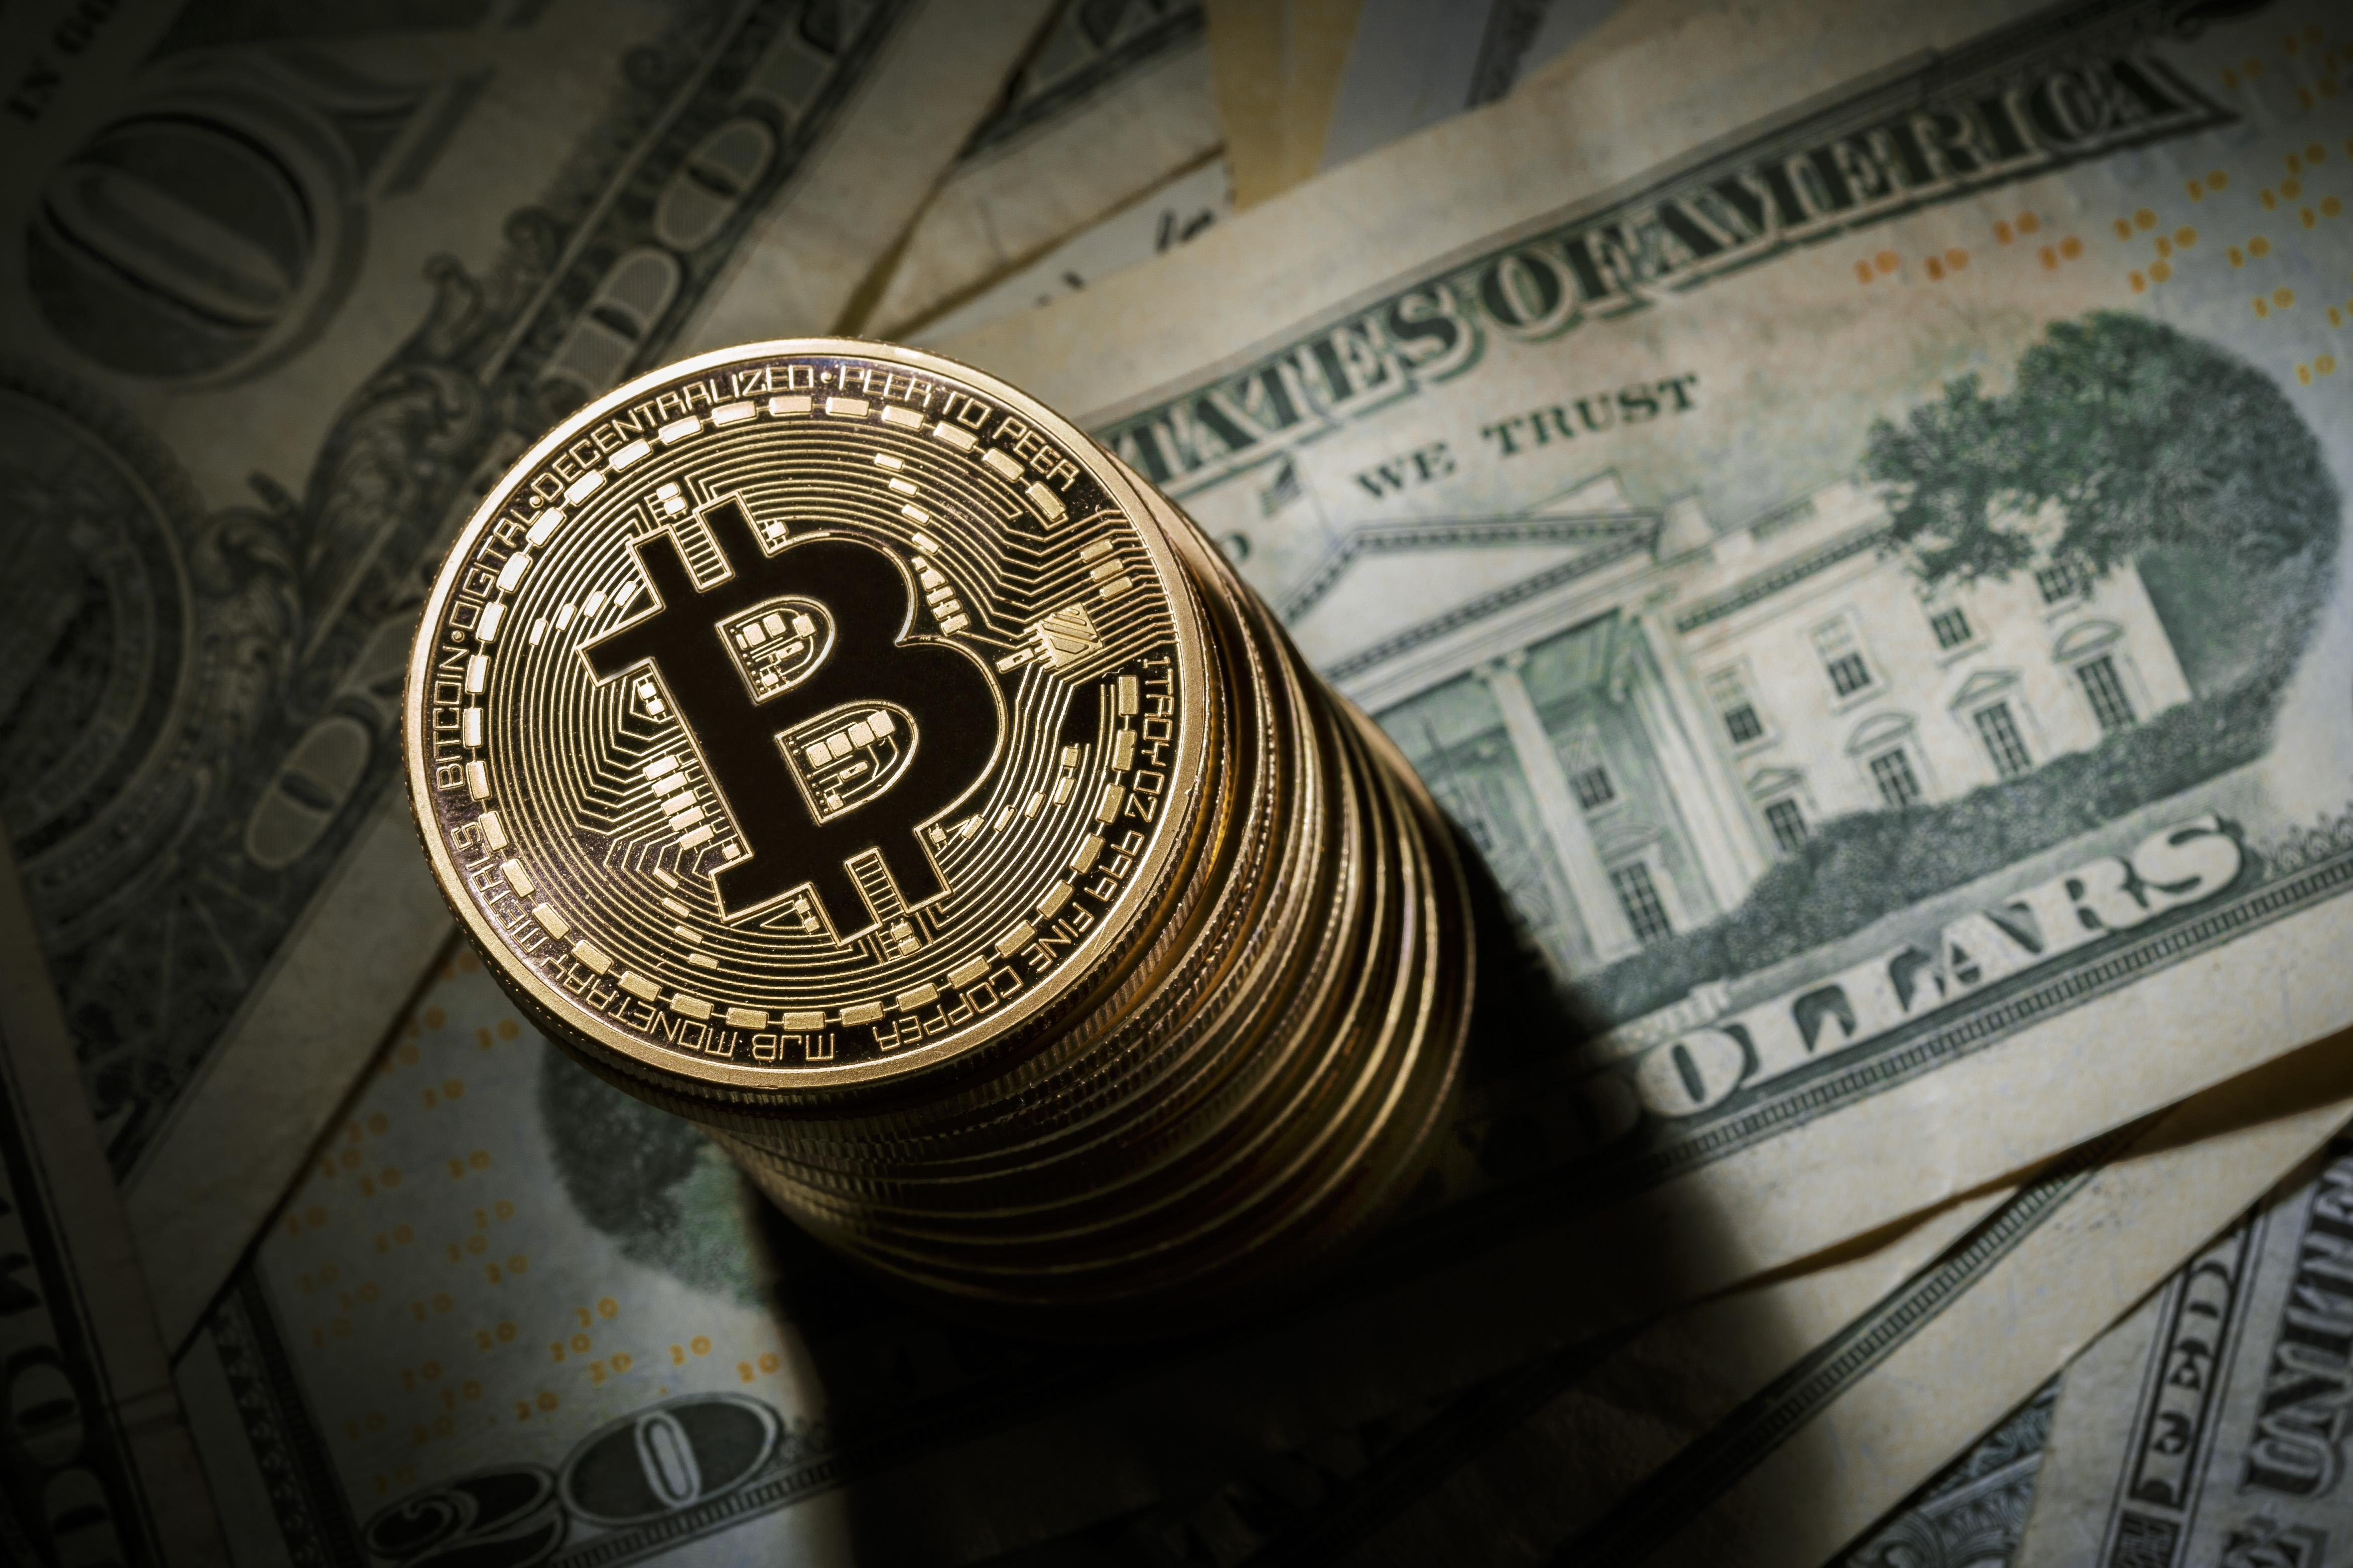 Minarea-pentru-cripto-monede-amenință-securitatea-energertică-a-Republicii-Moldova